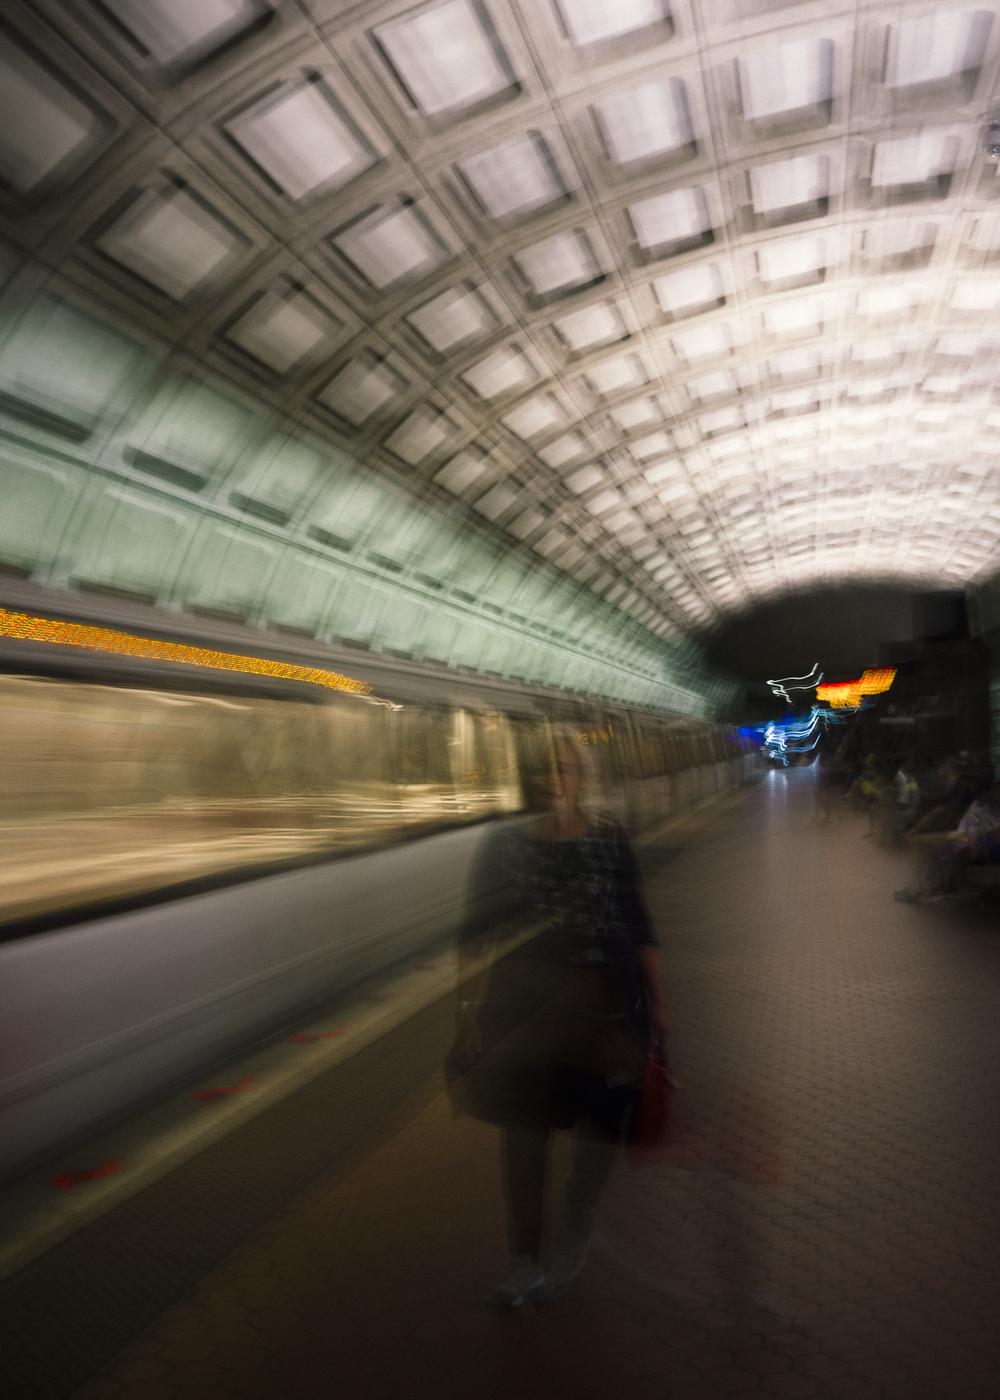 Union Station, Washington DC; May 2015